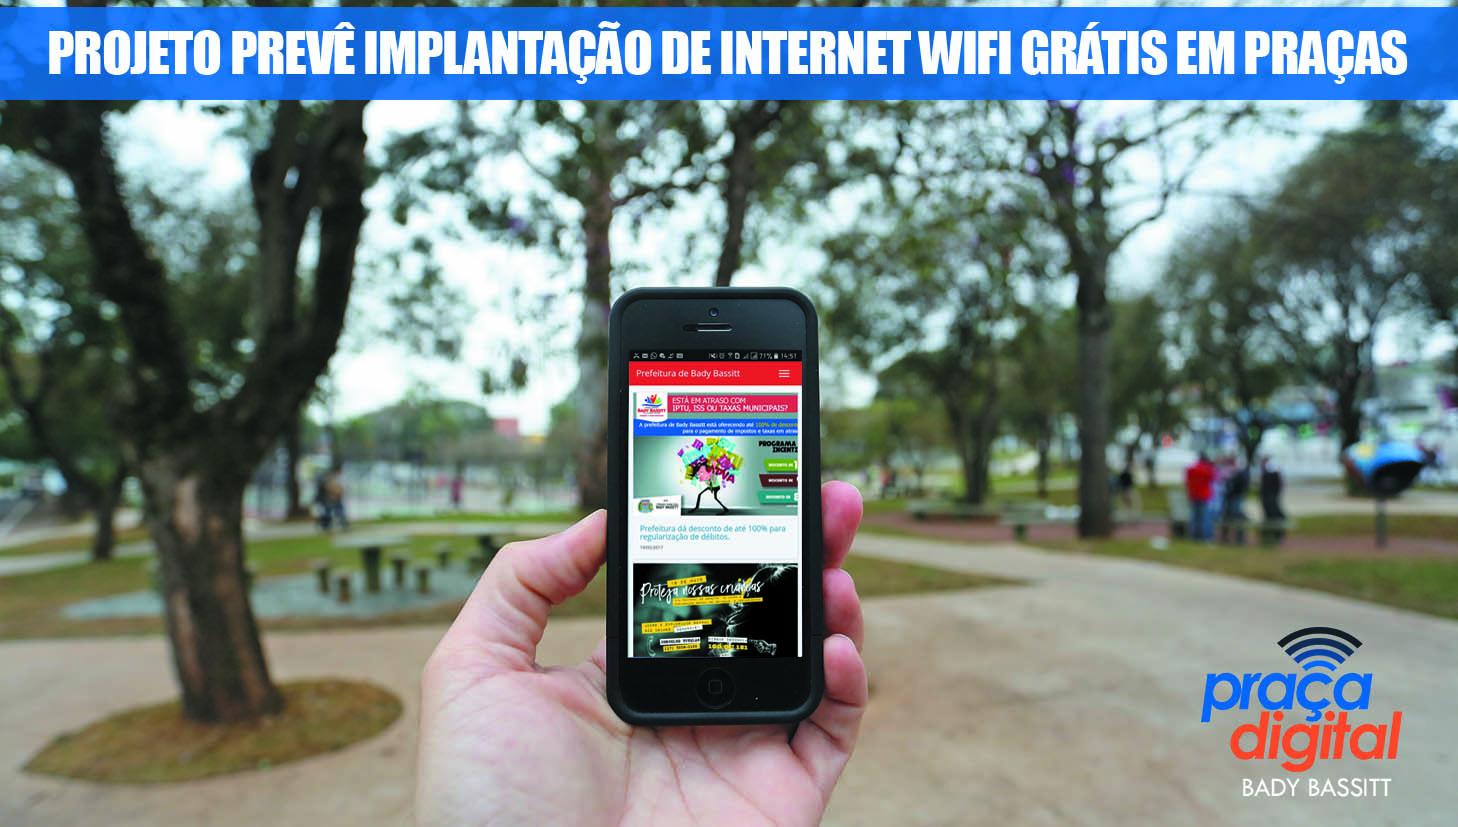 Projeto de modernização de praças prevê instalação de wifi gratuito para população em Bady Bassitt